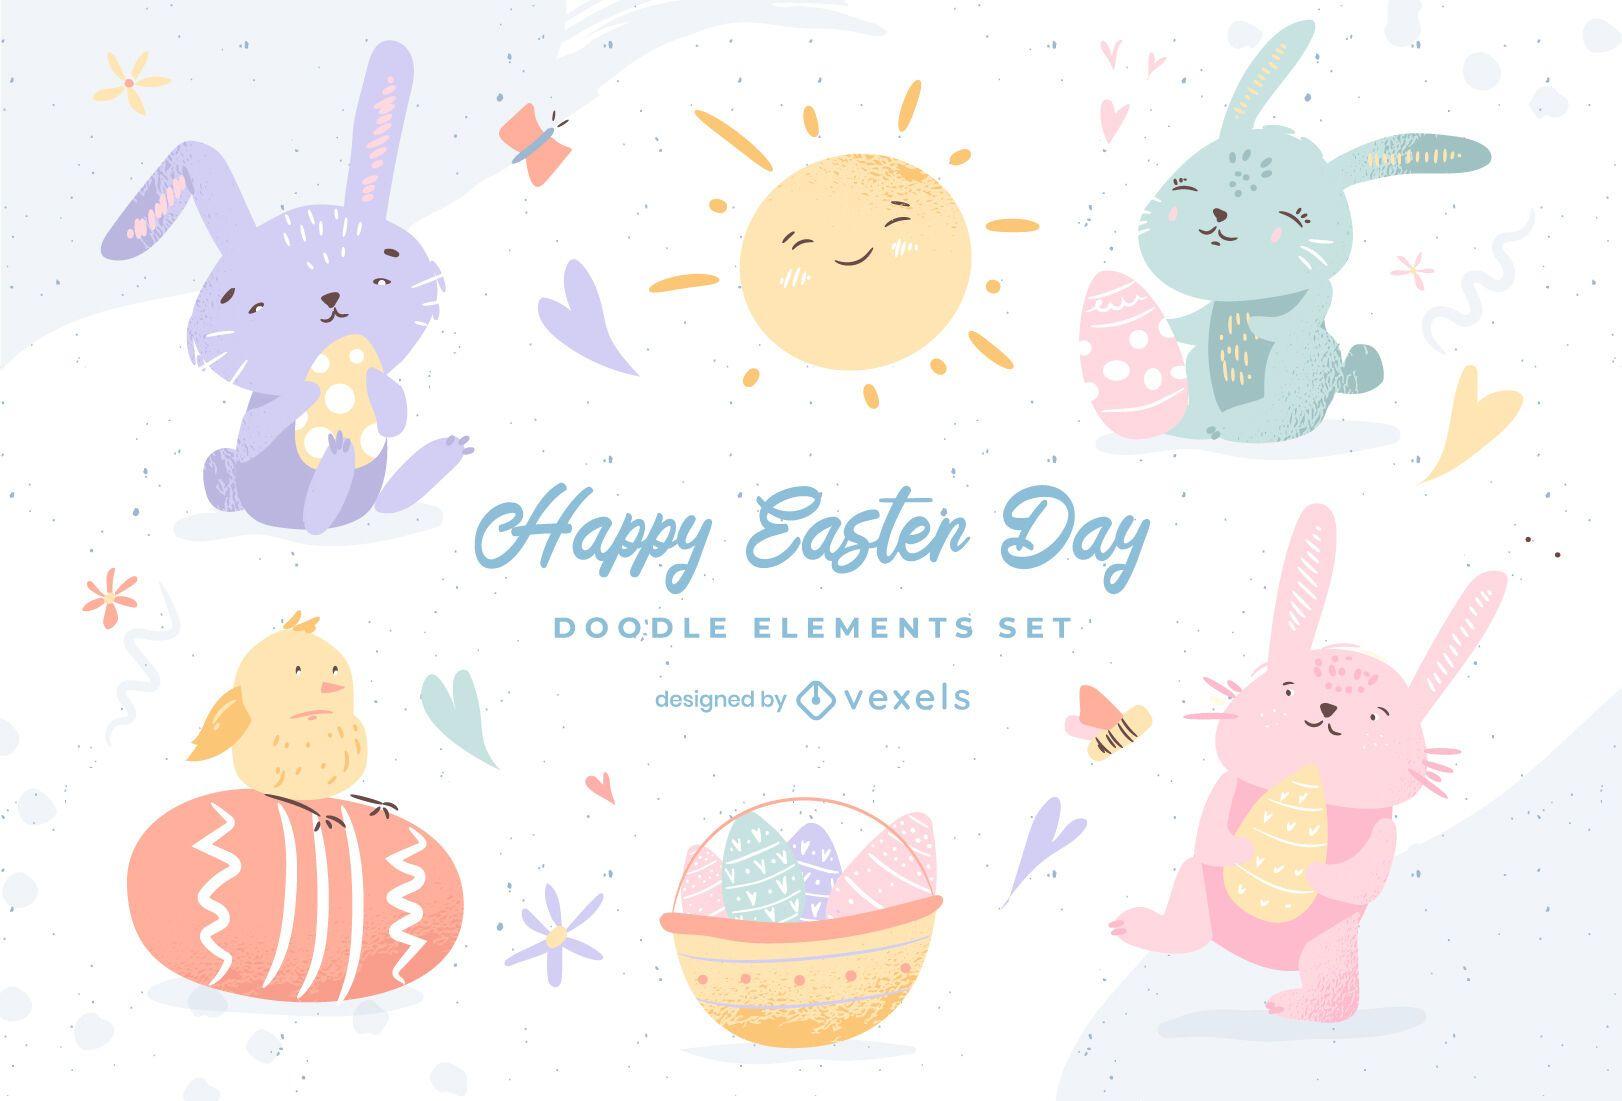 Easter cute elements doodle set